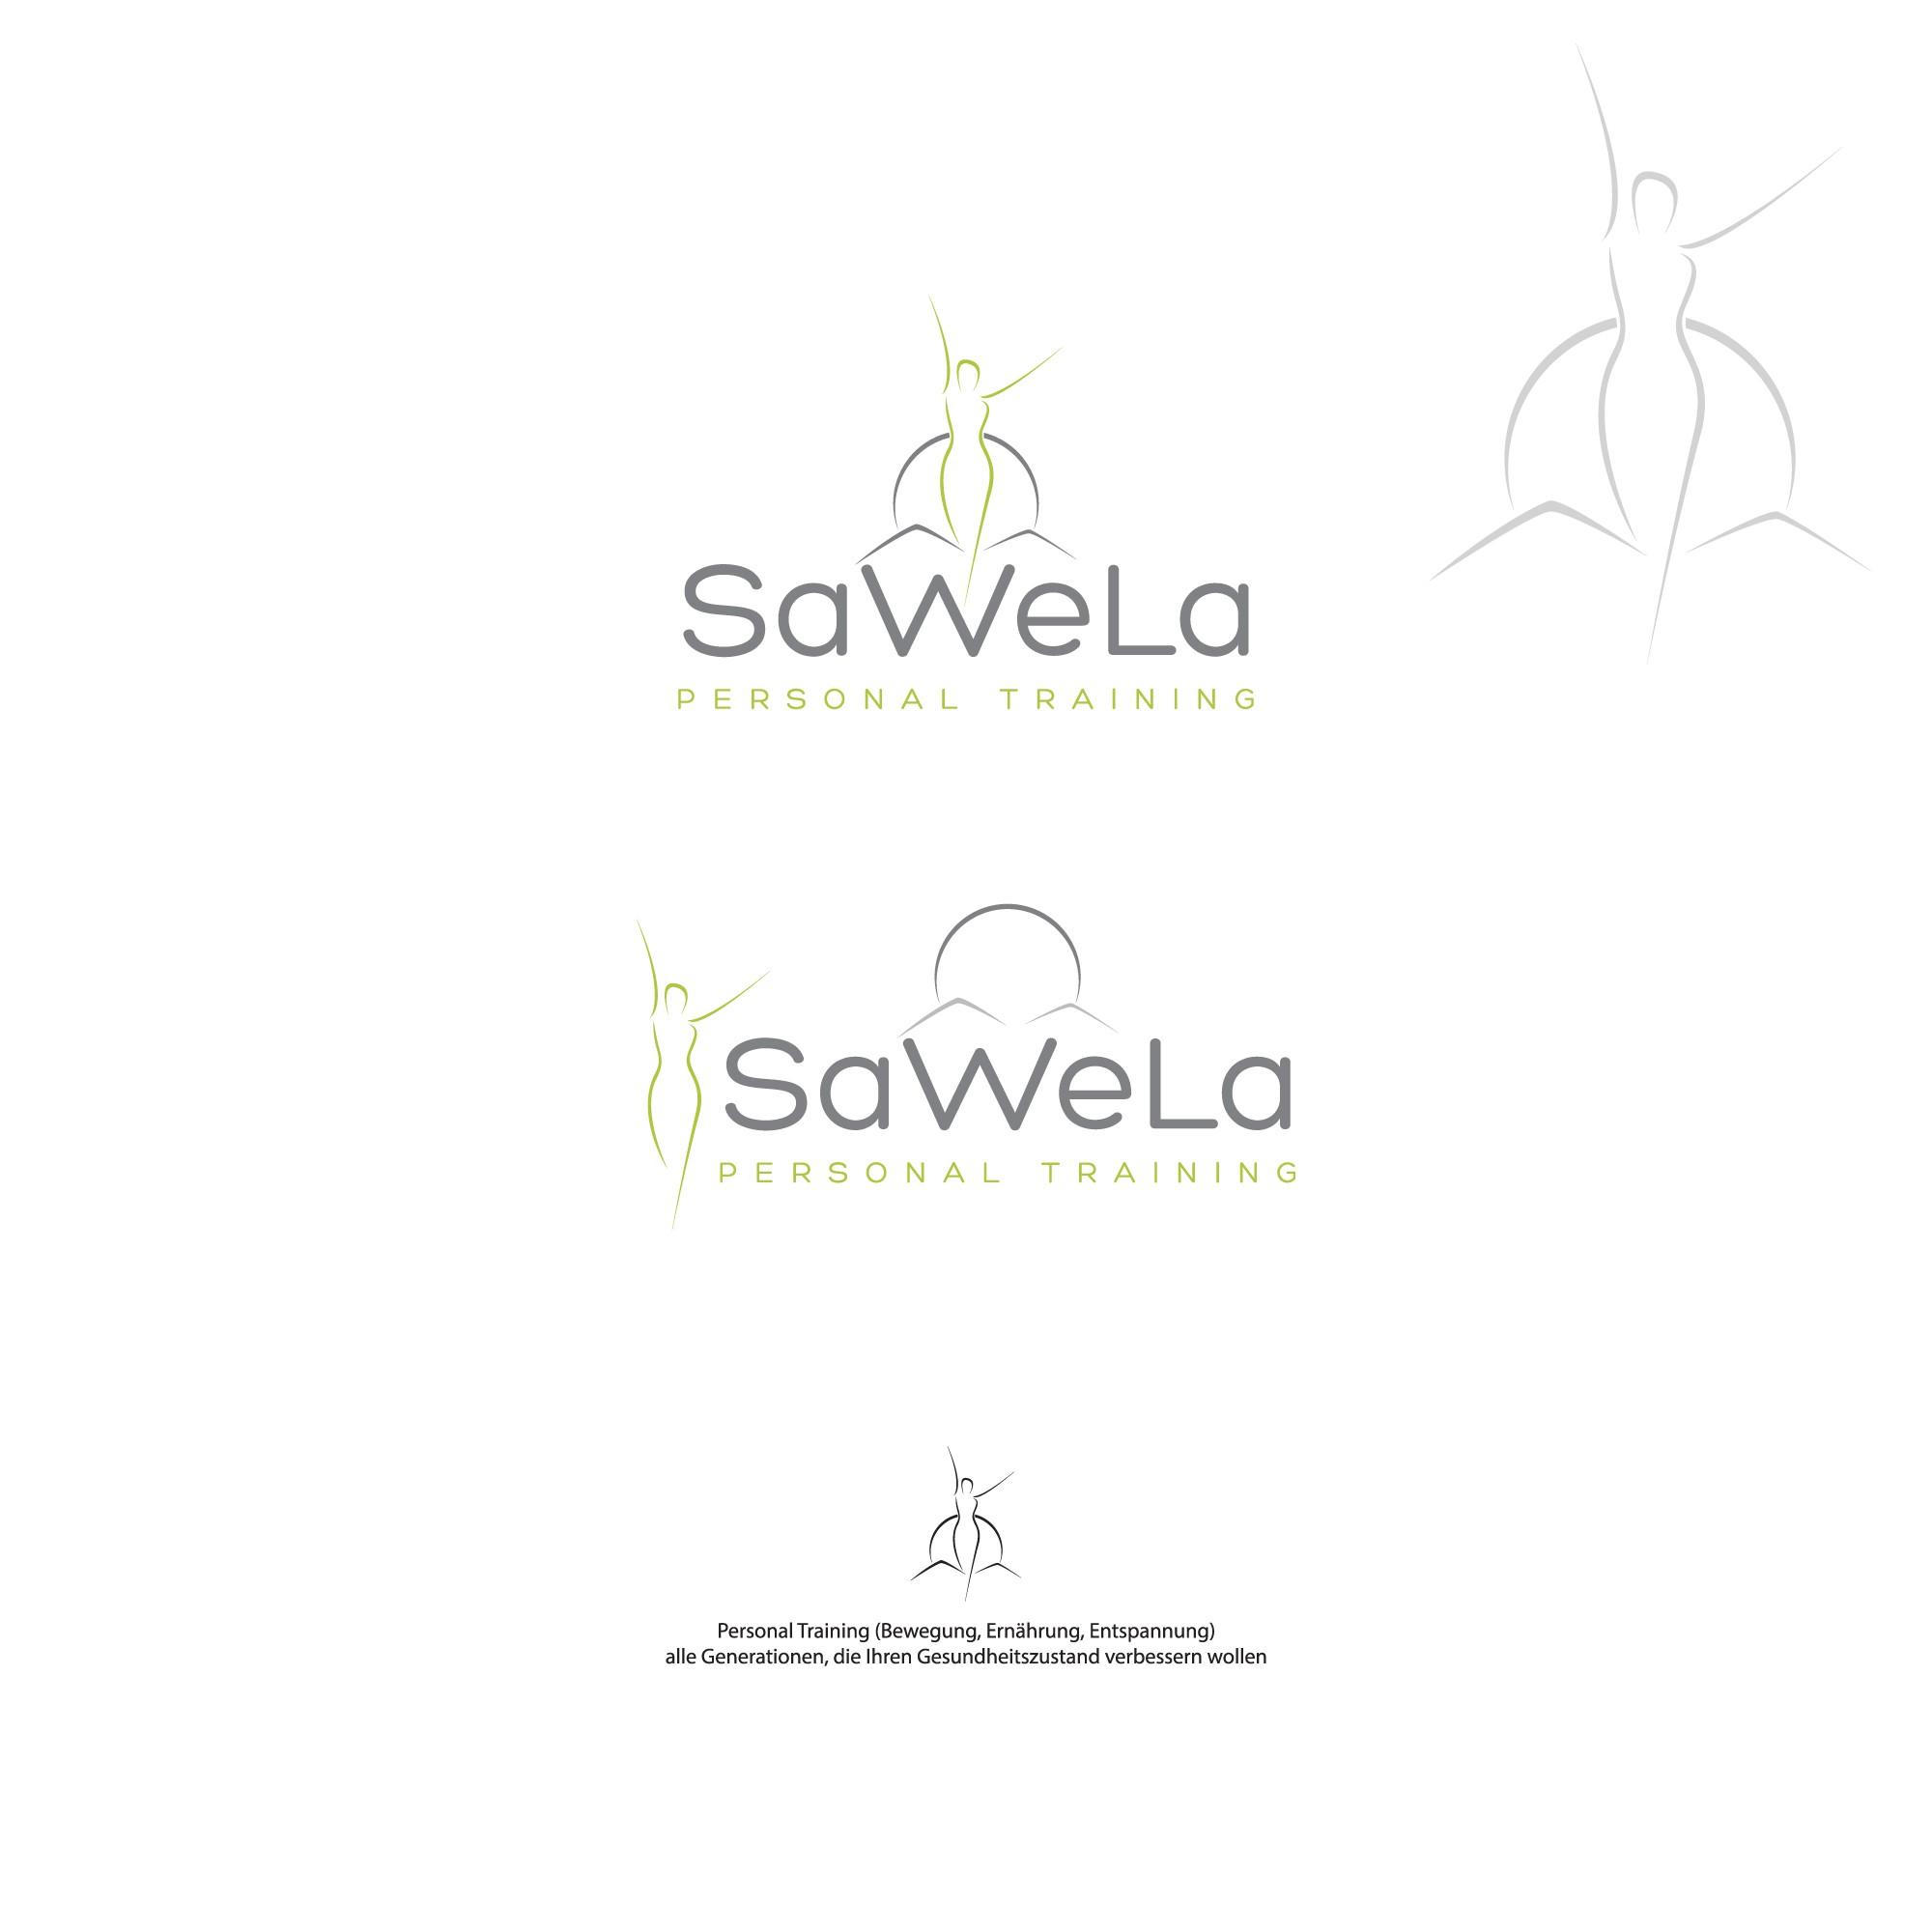 Erstelle ein zeitloses, ruhiges, elegantes Logo für Personaltraining